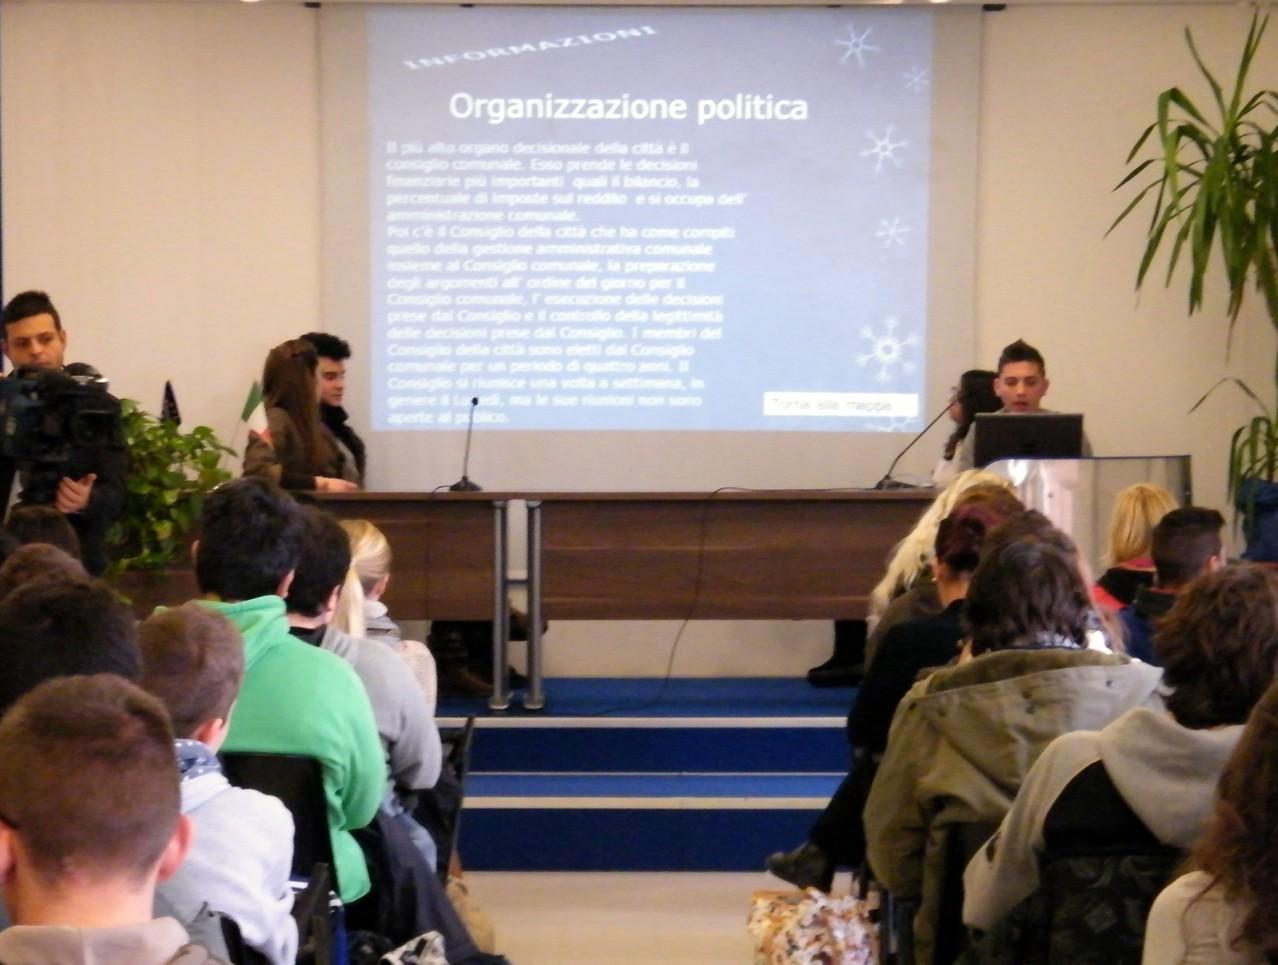 Gli studenti italiani presentano i risultati delle loro ricerche svolte in Finlandia